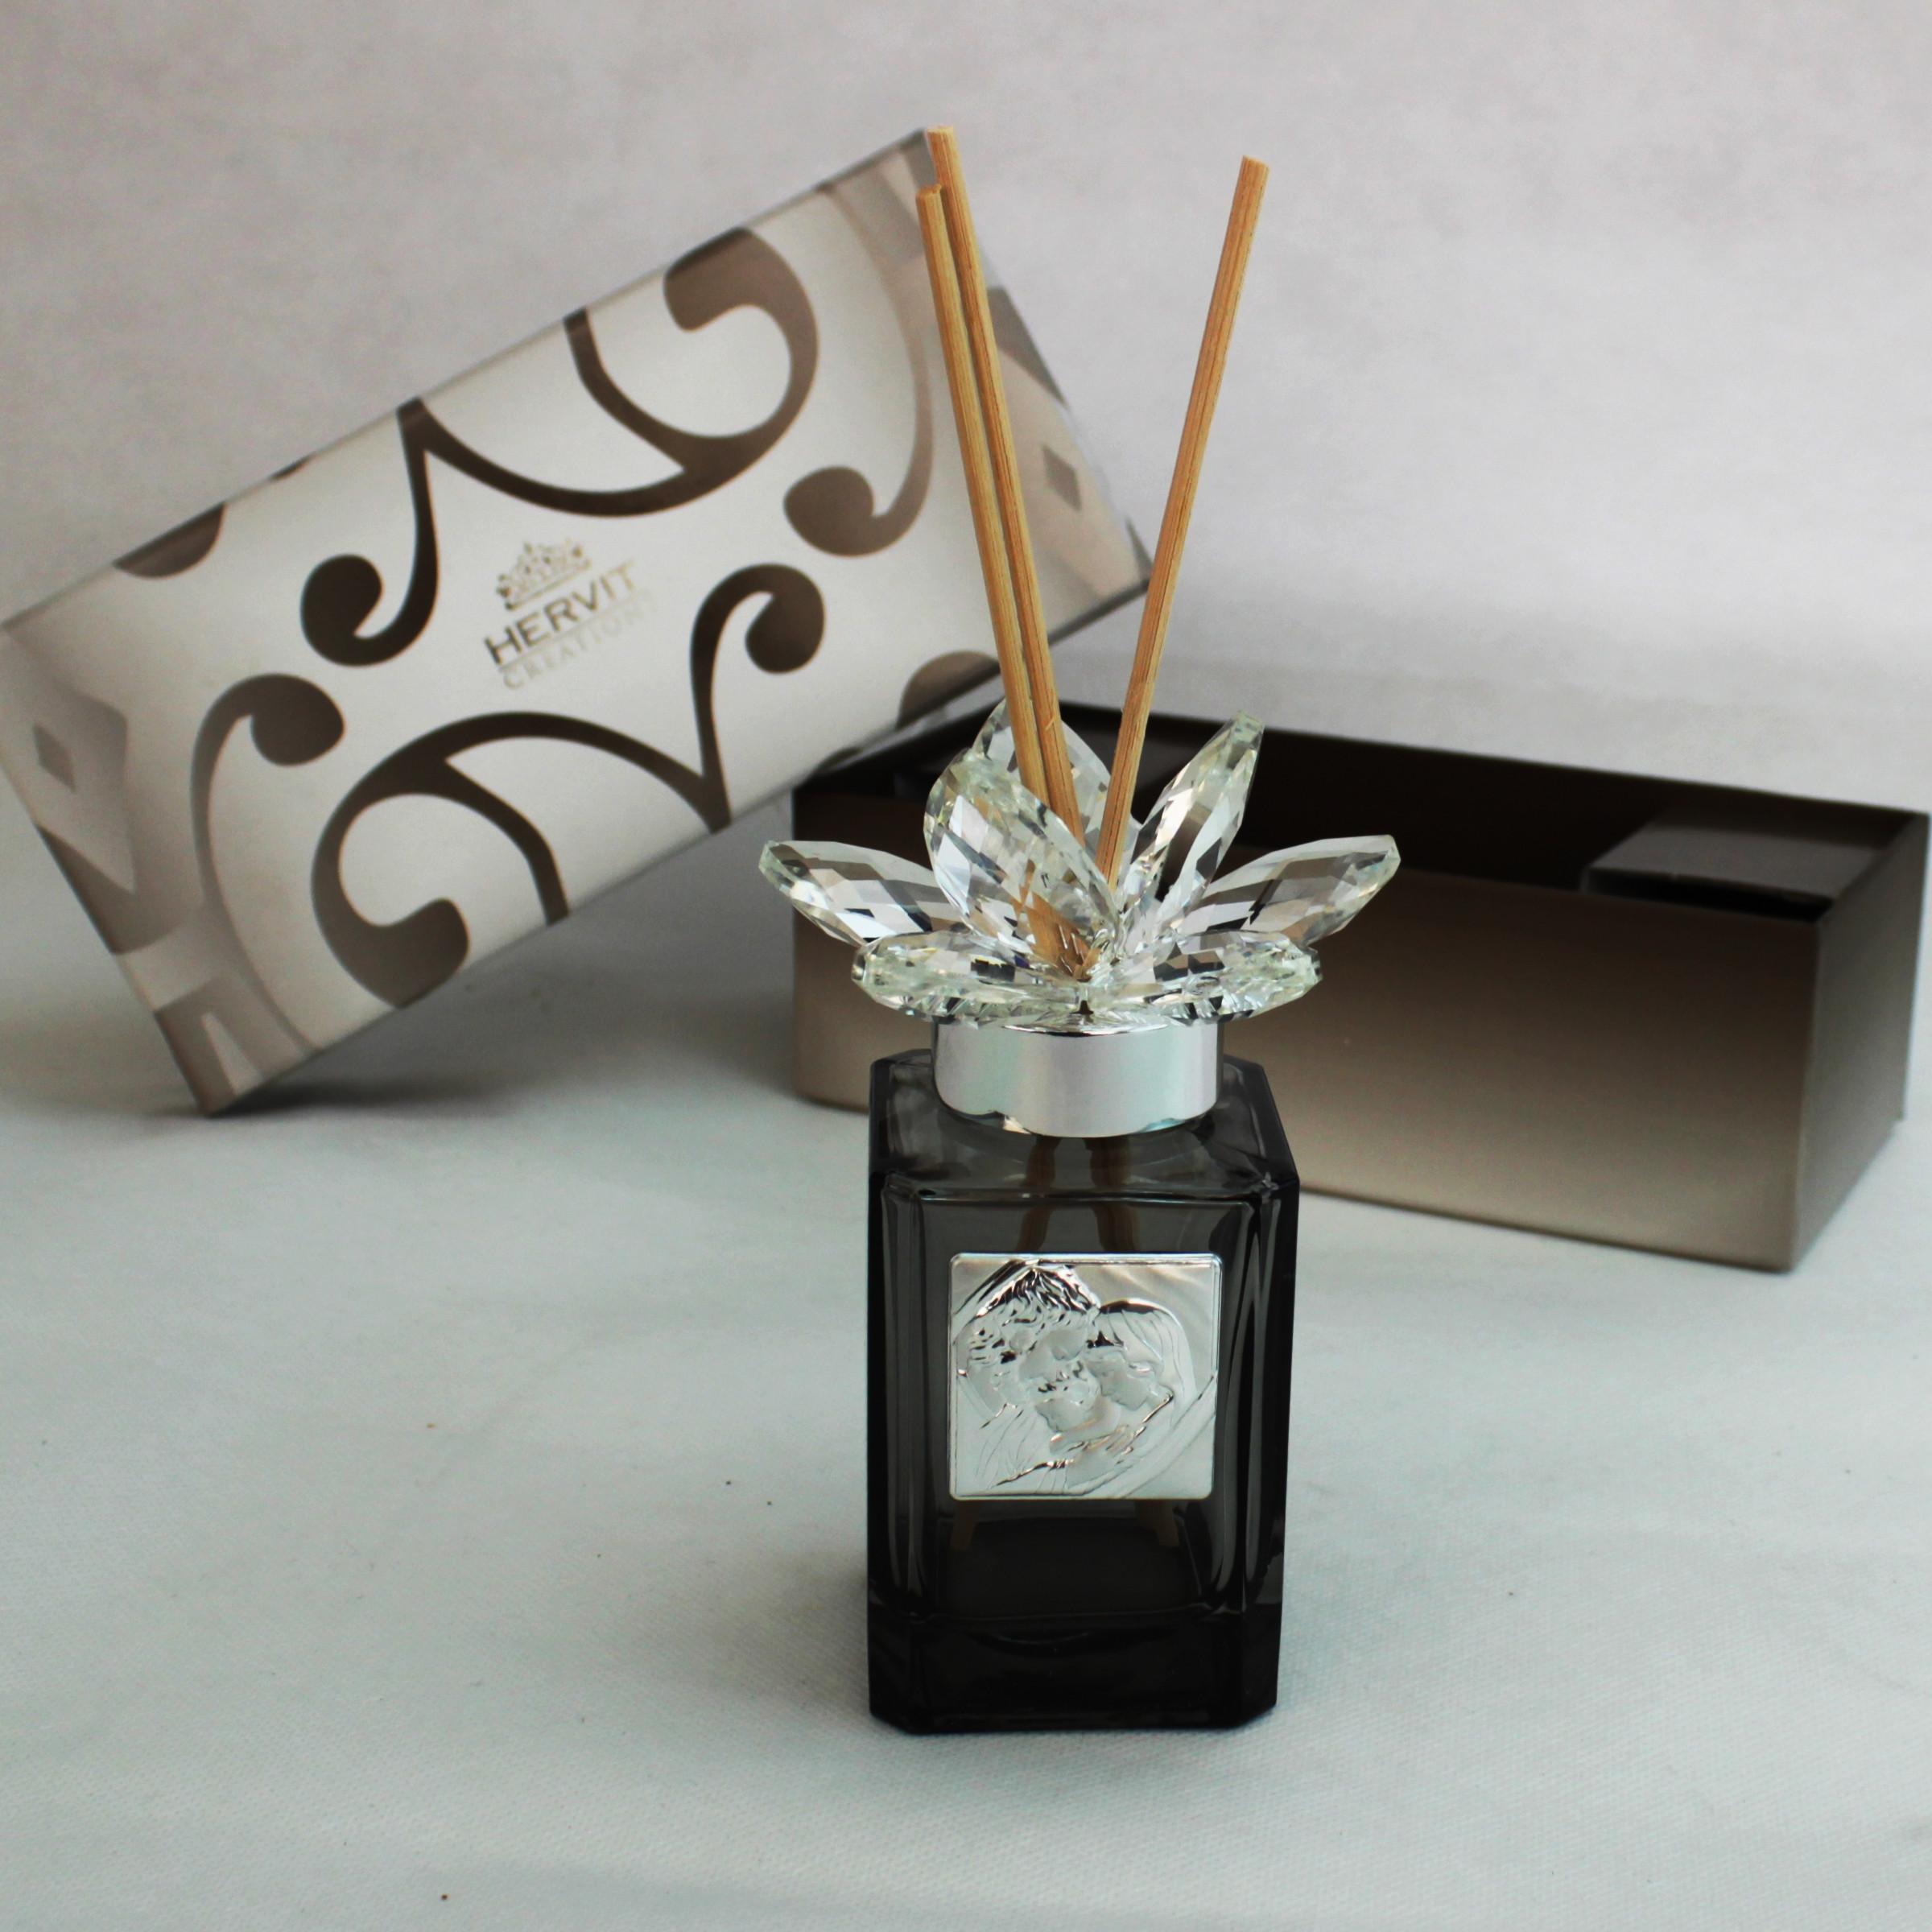 Profumatore Hervit con fiore in cristallo Sacra Famiglia